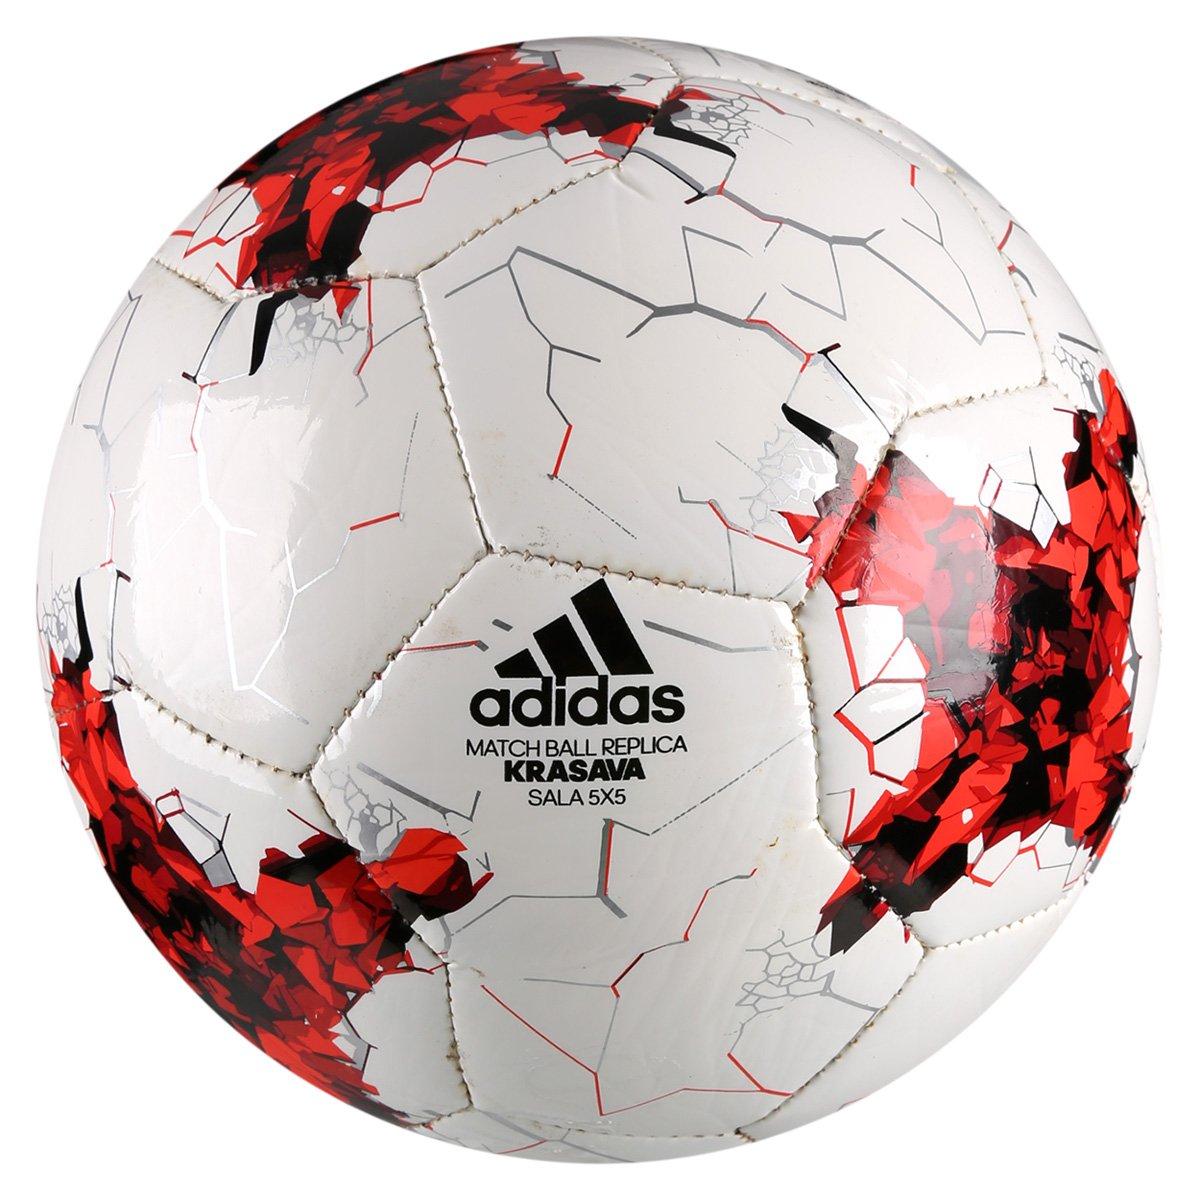 54d429d6b5 Bola Futsal Adidas Krasava Copa das Confederações 2017 Sala 5x5 - Compre  Agora